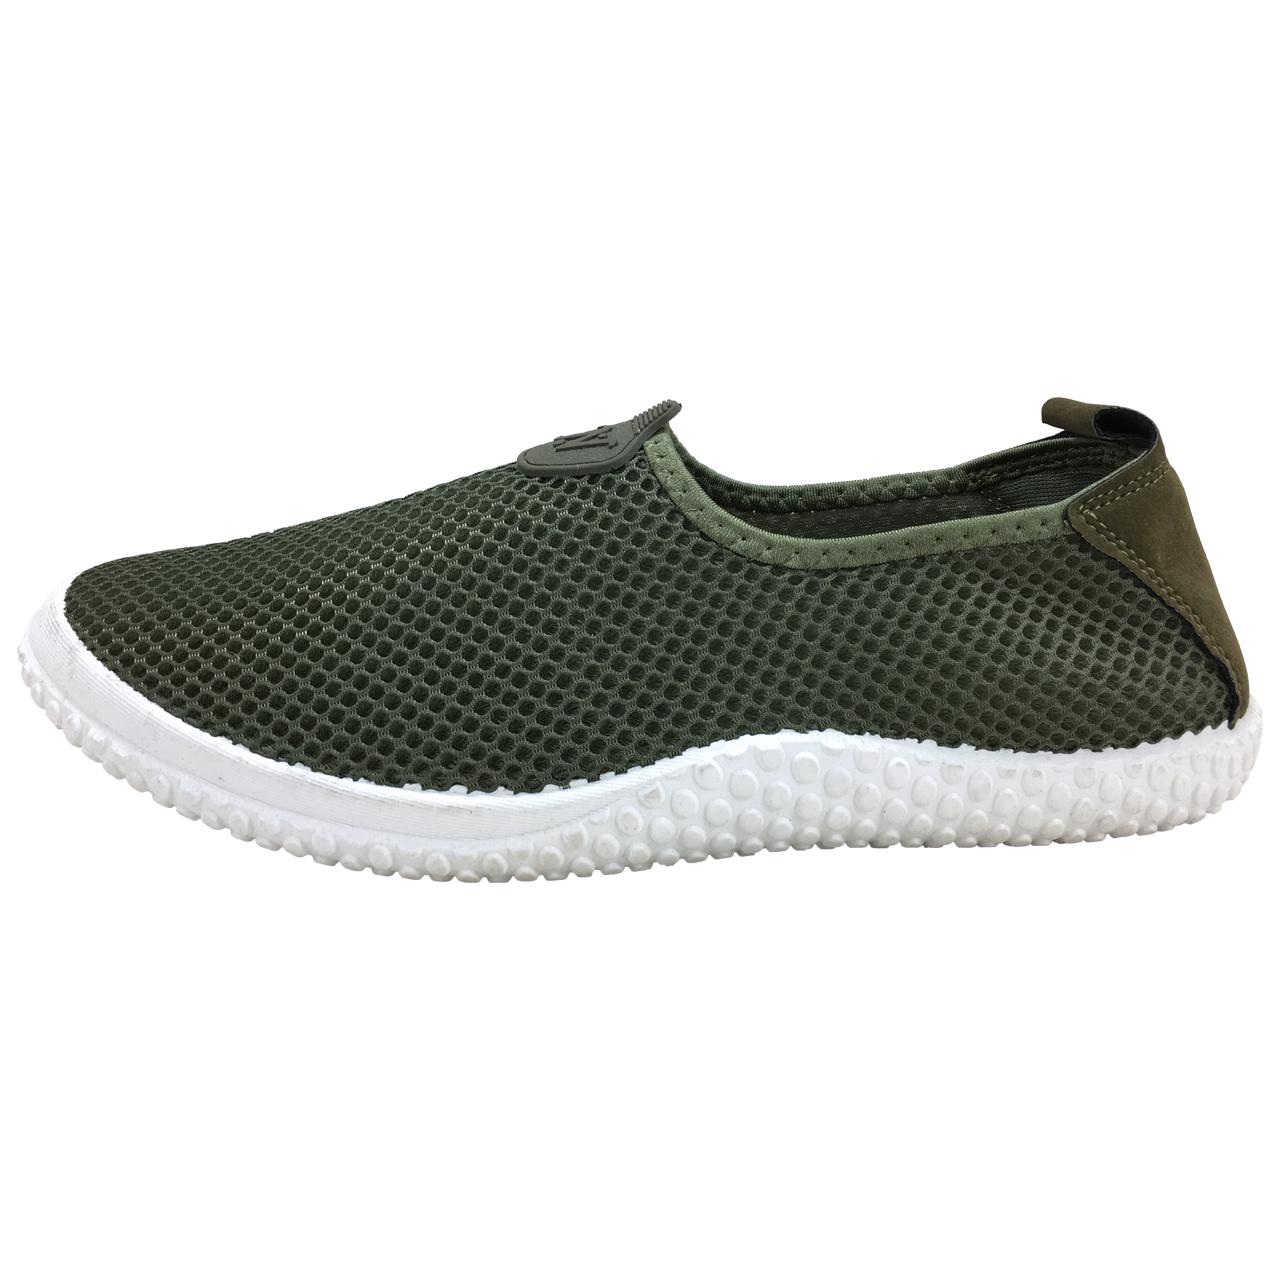 کفش مخصوص پیاده روی مردانه نسیم مدل سوئدی کد 2776